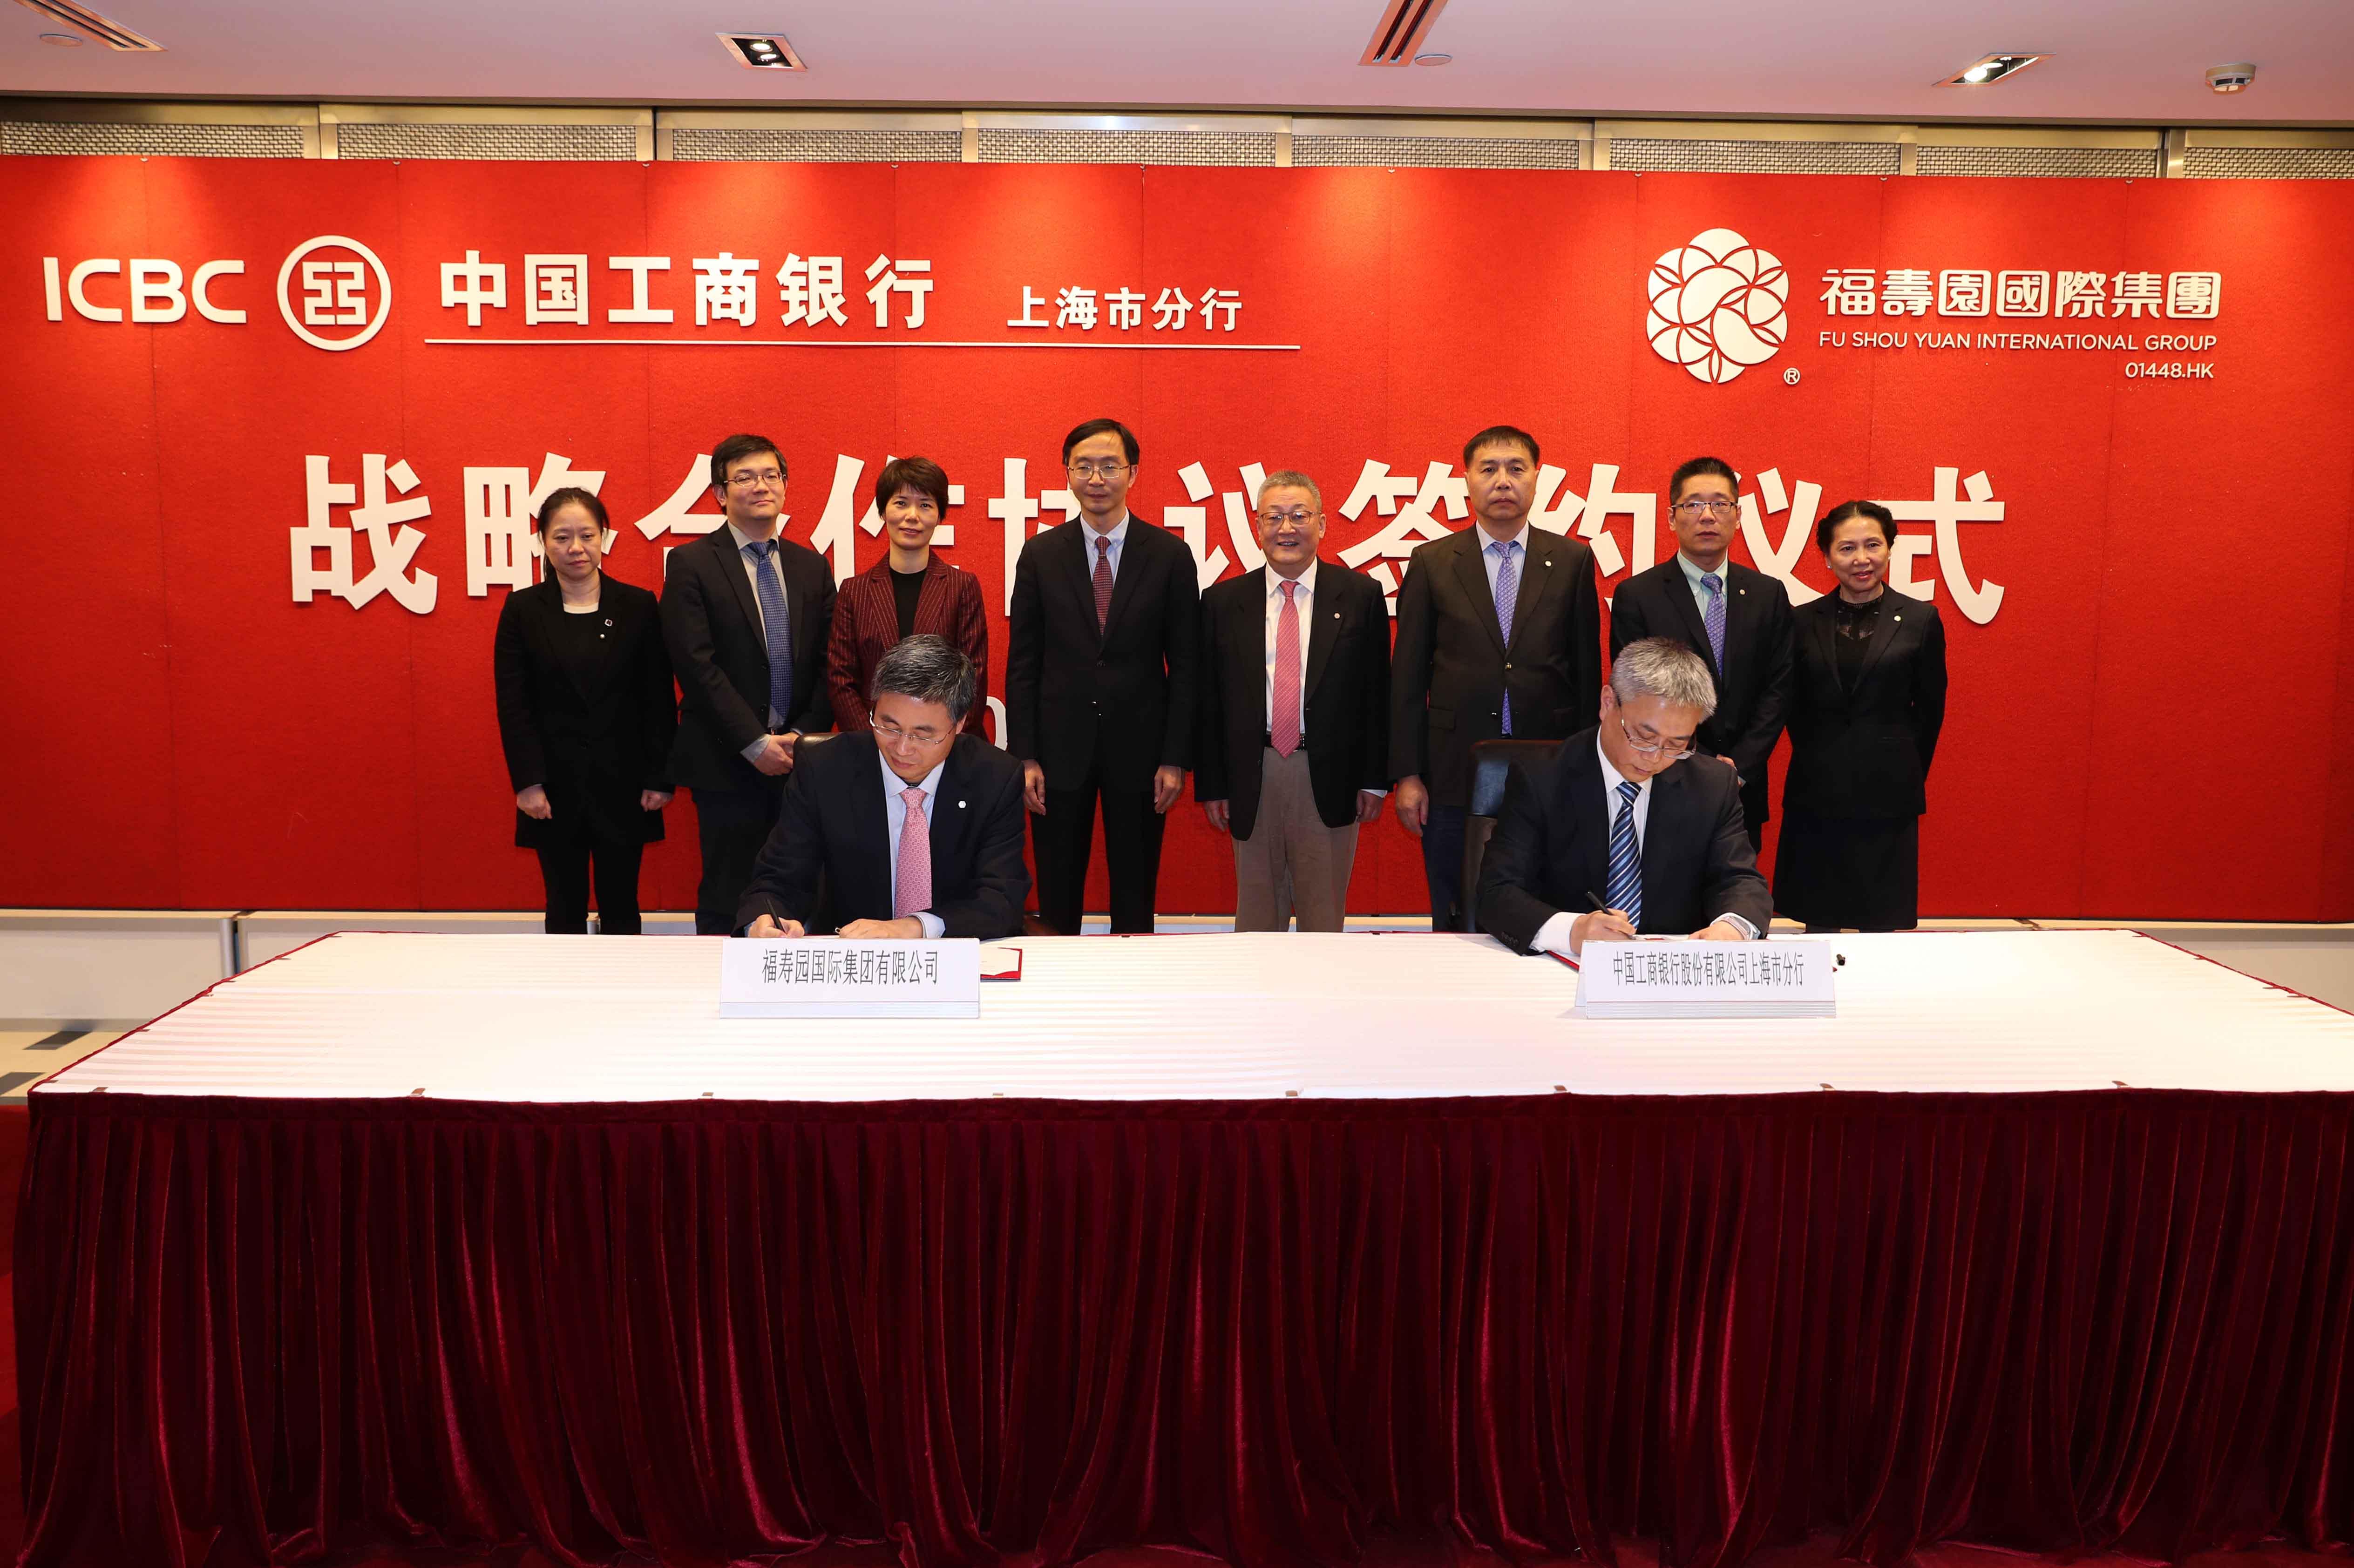 福寿园(01448.HK)与工商银行上海市分行达成战略合作